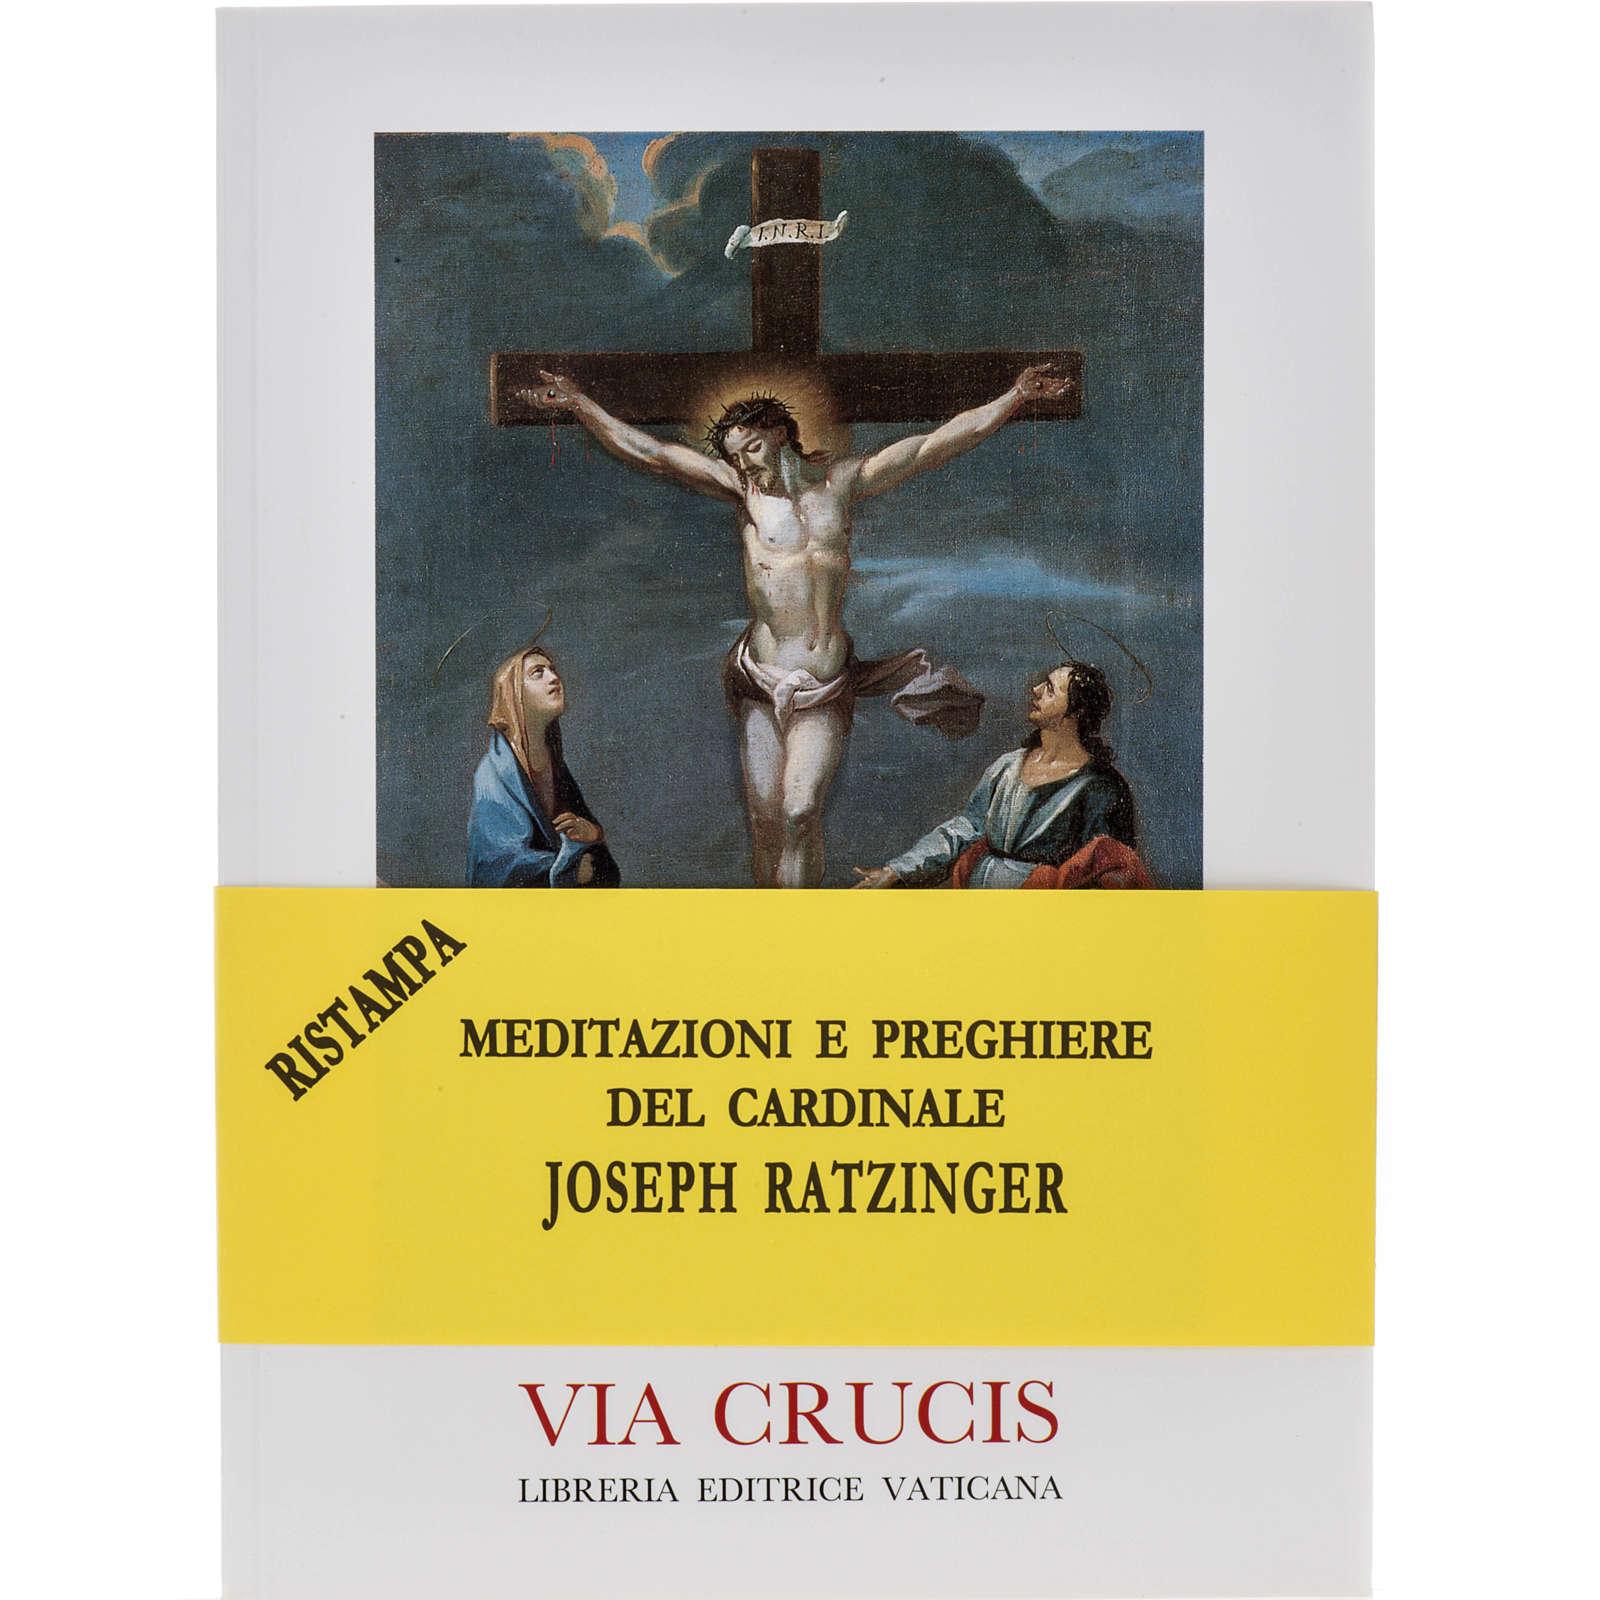 Via Crucis al Colosseo. Meditazioni del Cardinale Ratzinger 2005 4